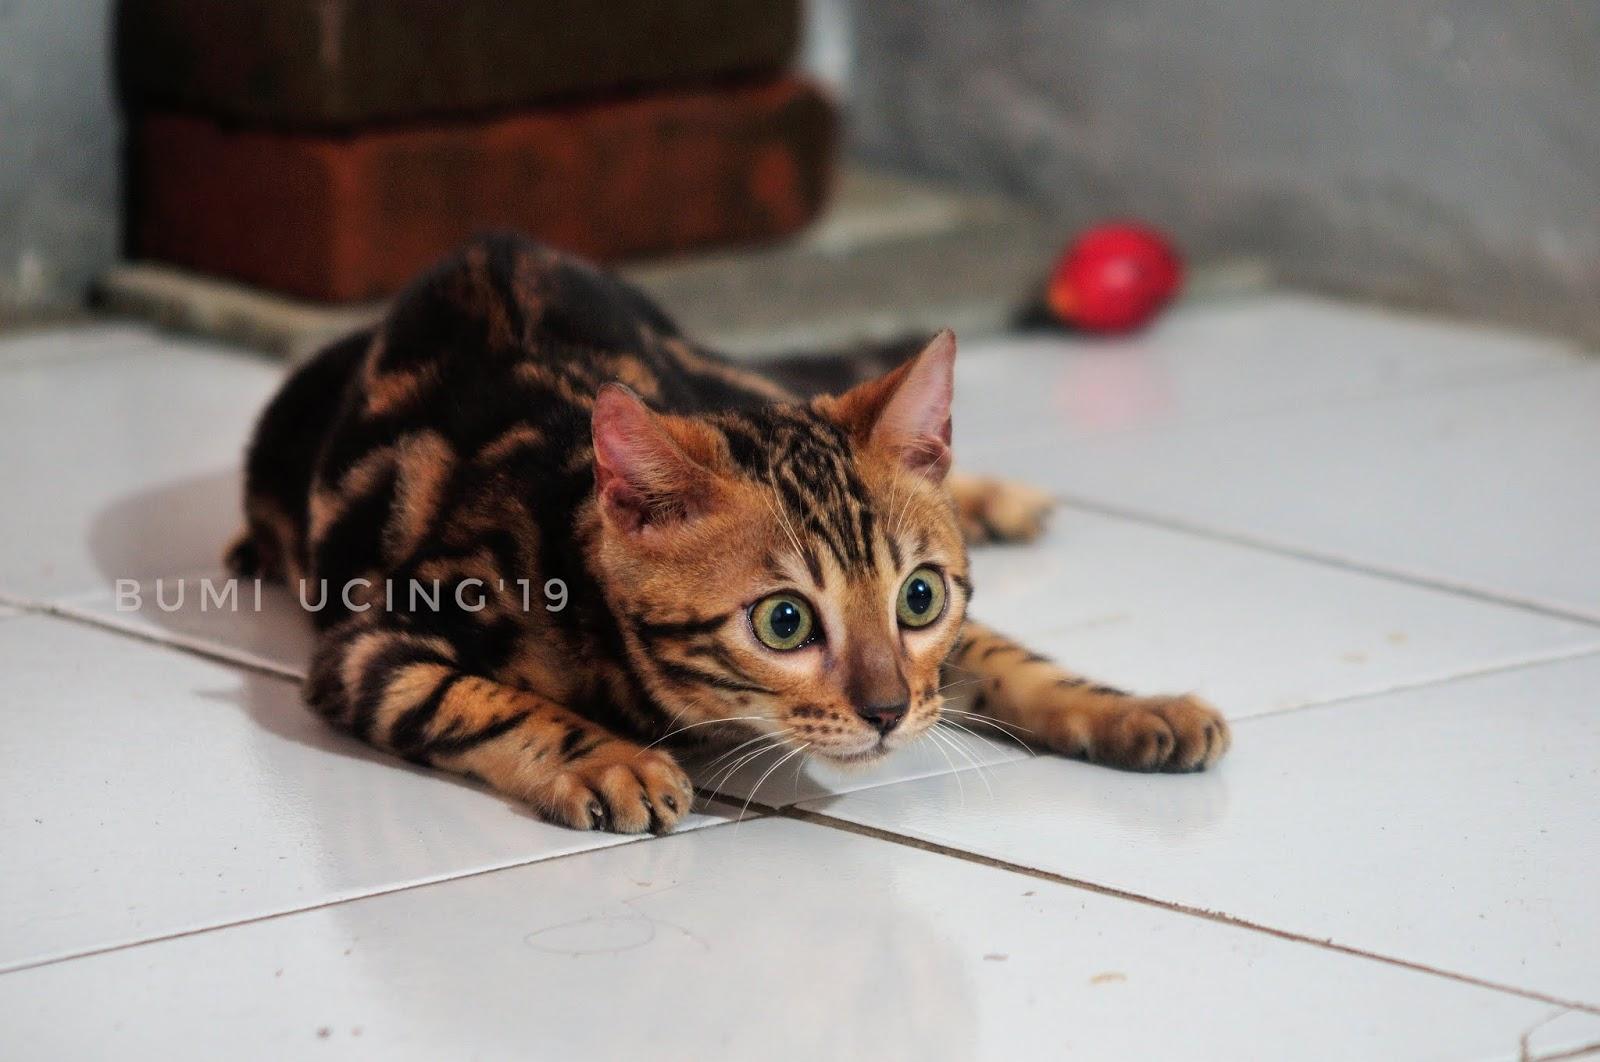 Kucing Bengal Indonesia 2019